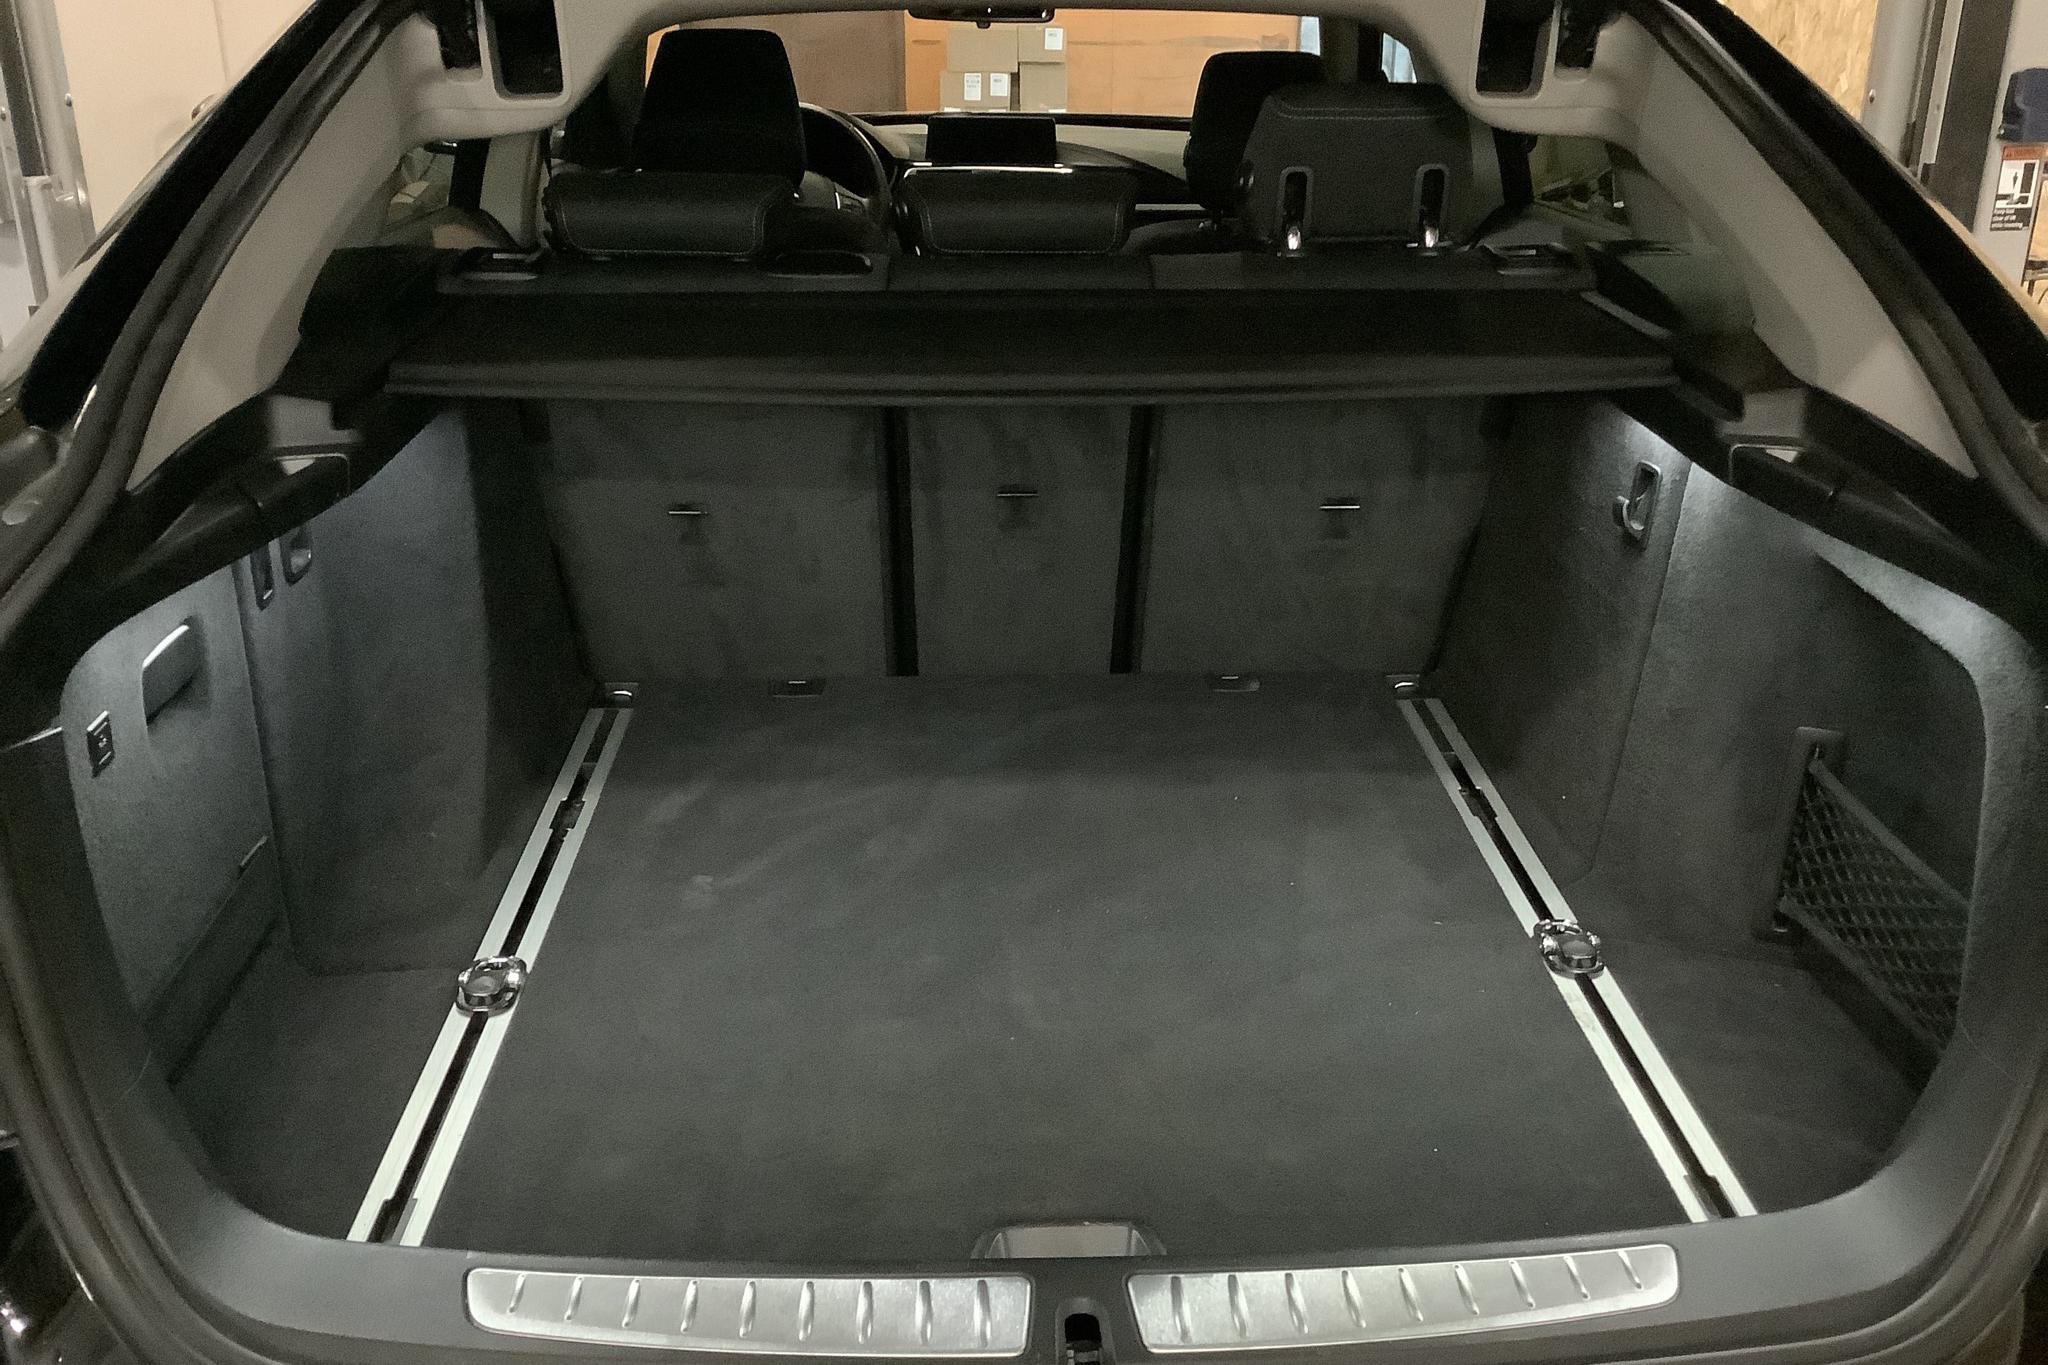 BMW 320d GT xDrive, F34 (190hk) - 76 330 km - Automatic - black - 2019